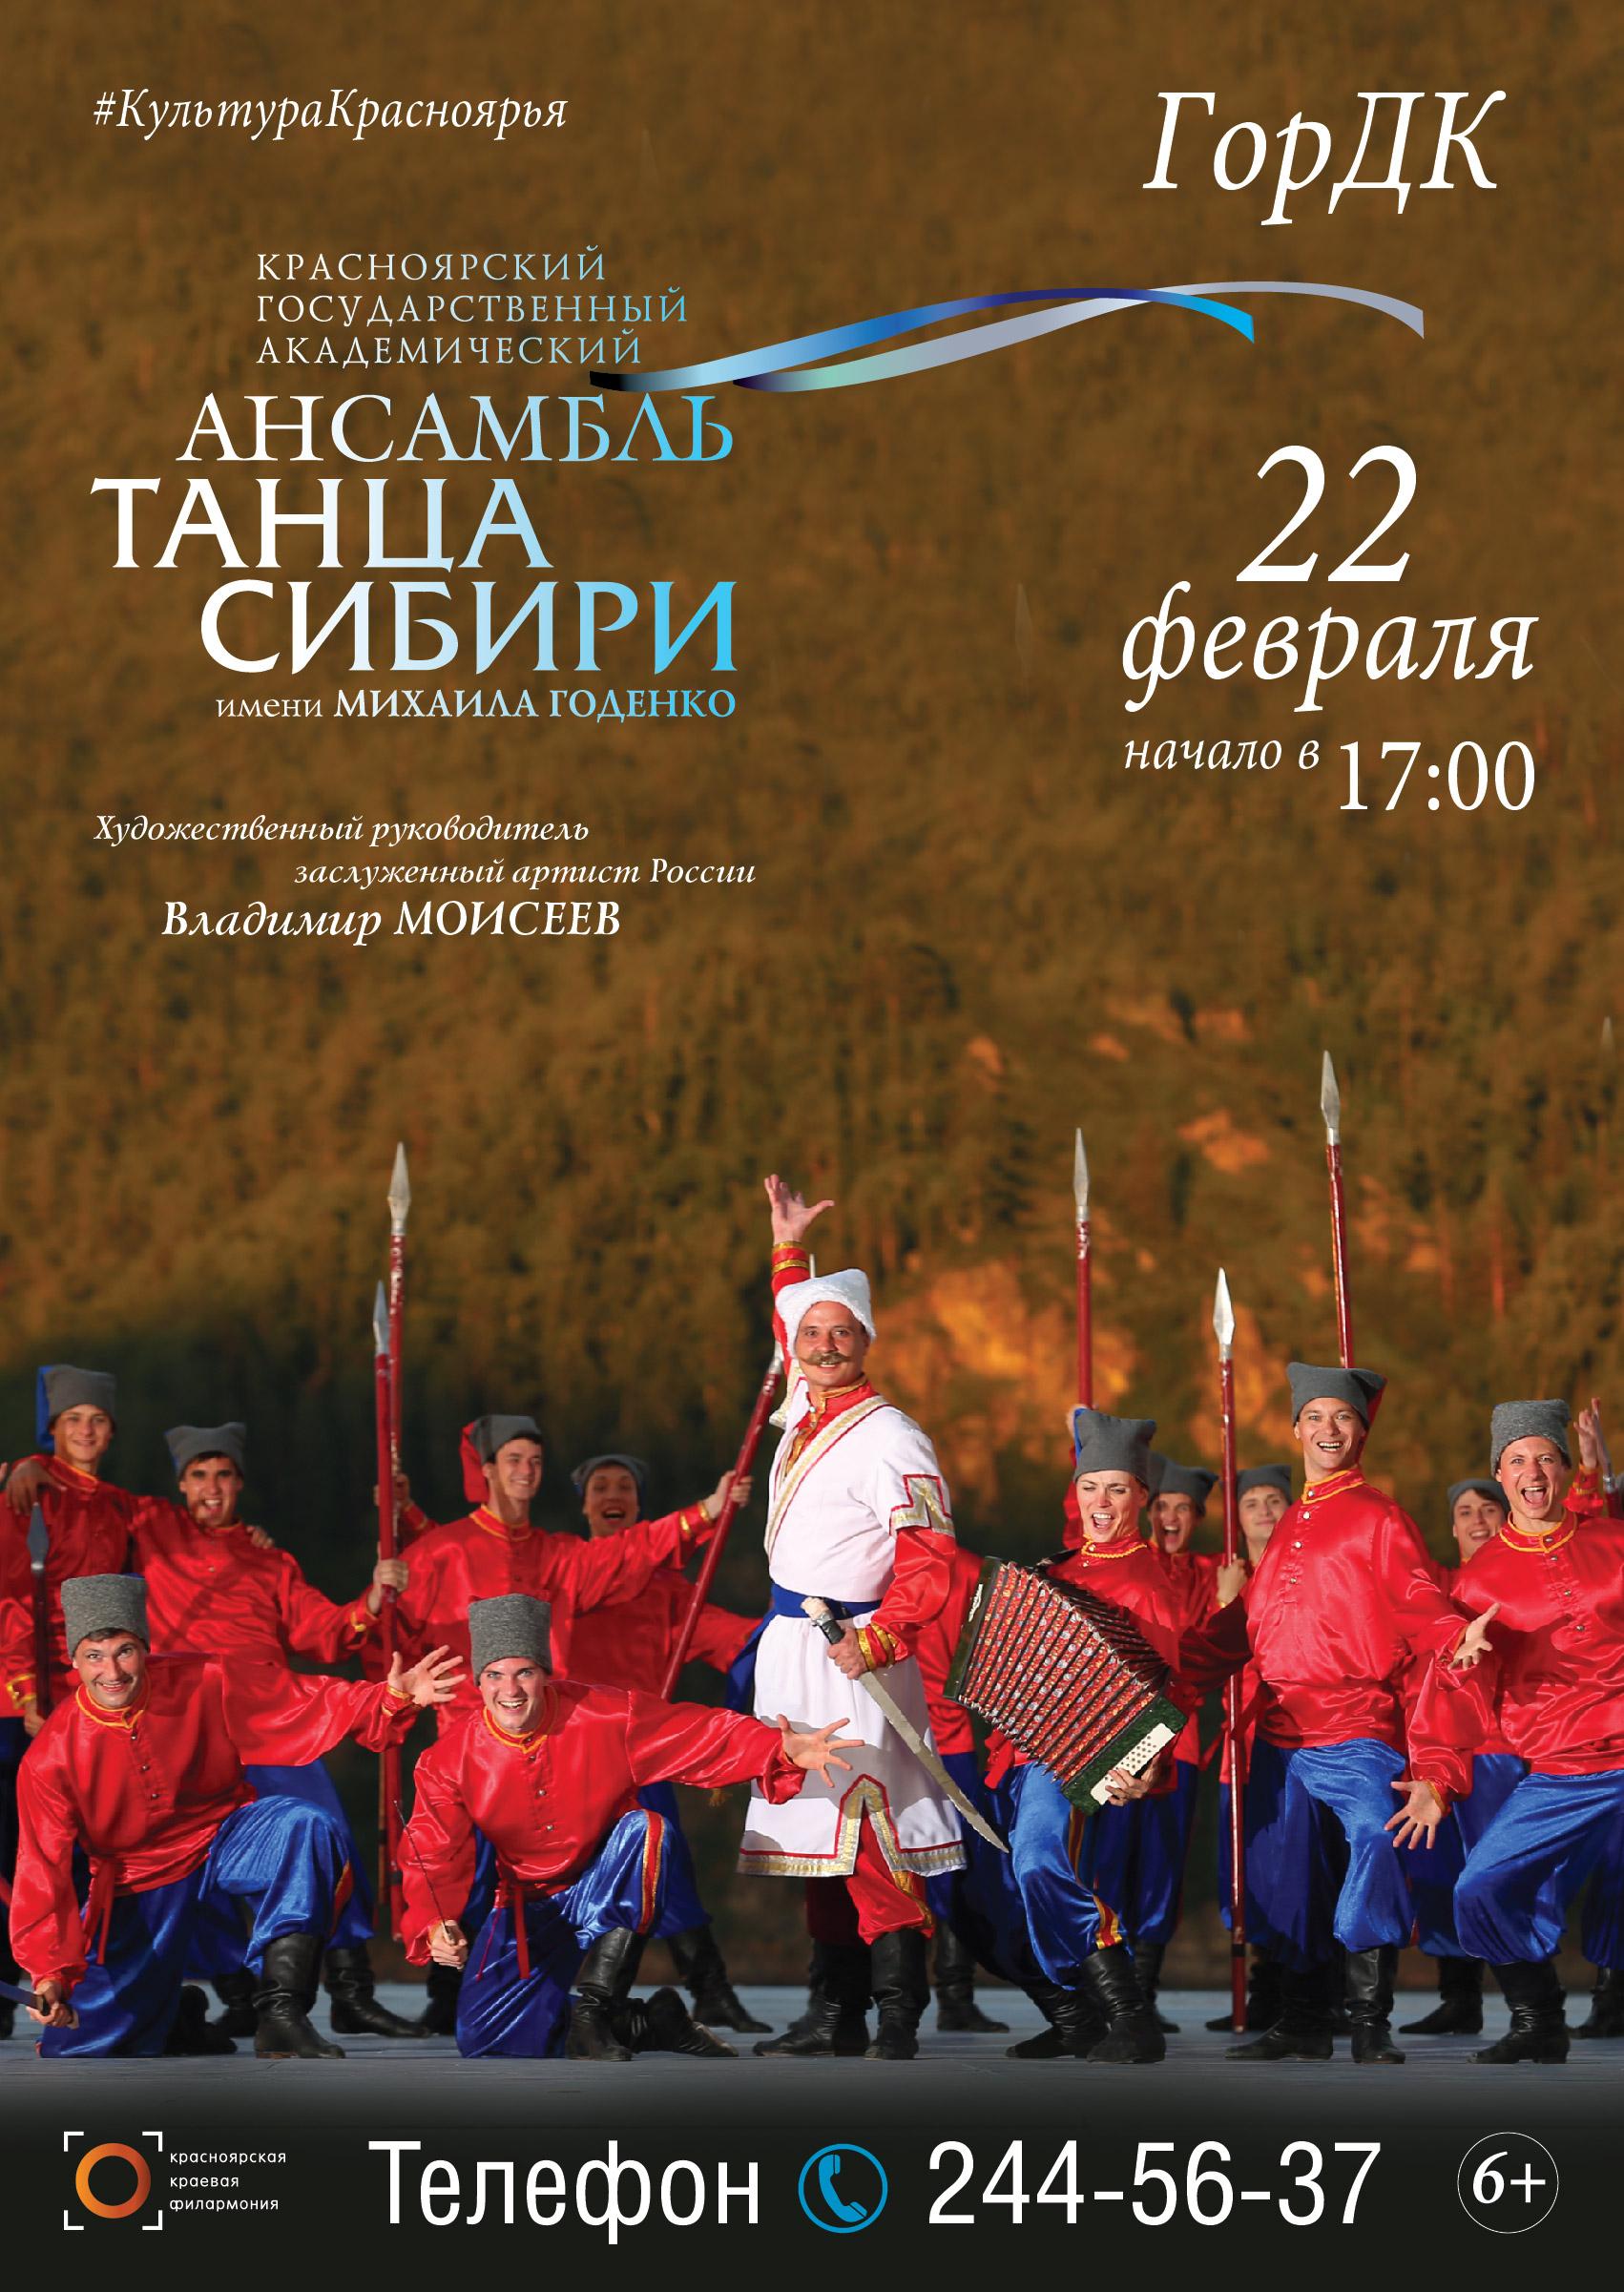 Ансамбль танца Сибири им. Михаила Годенко